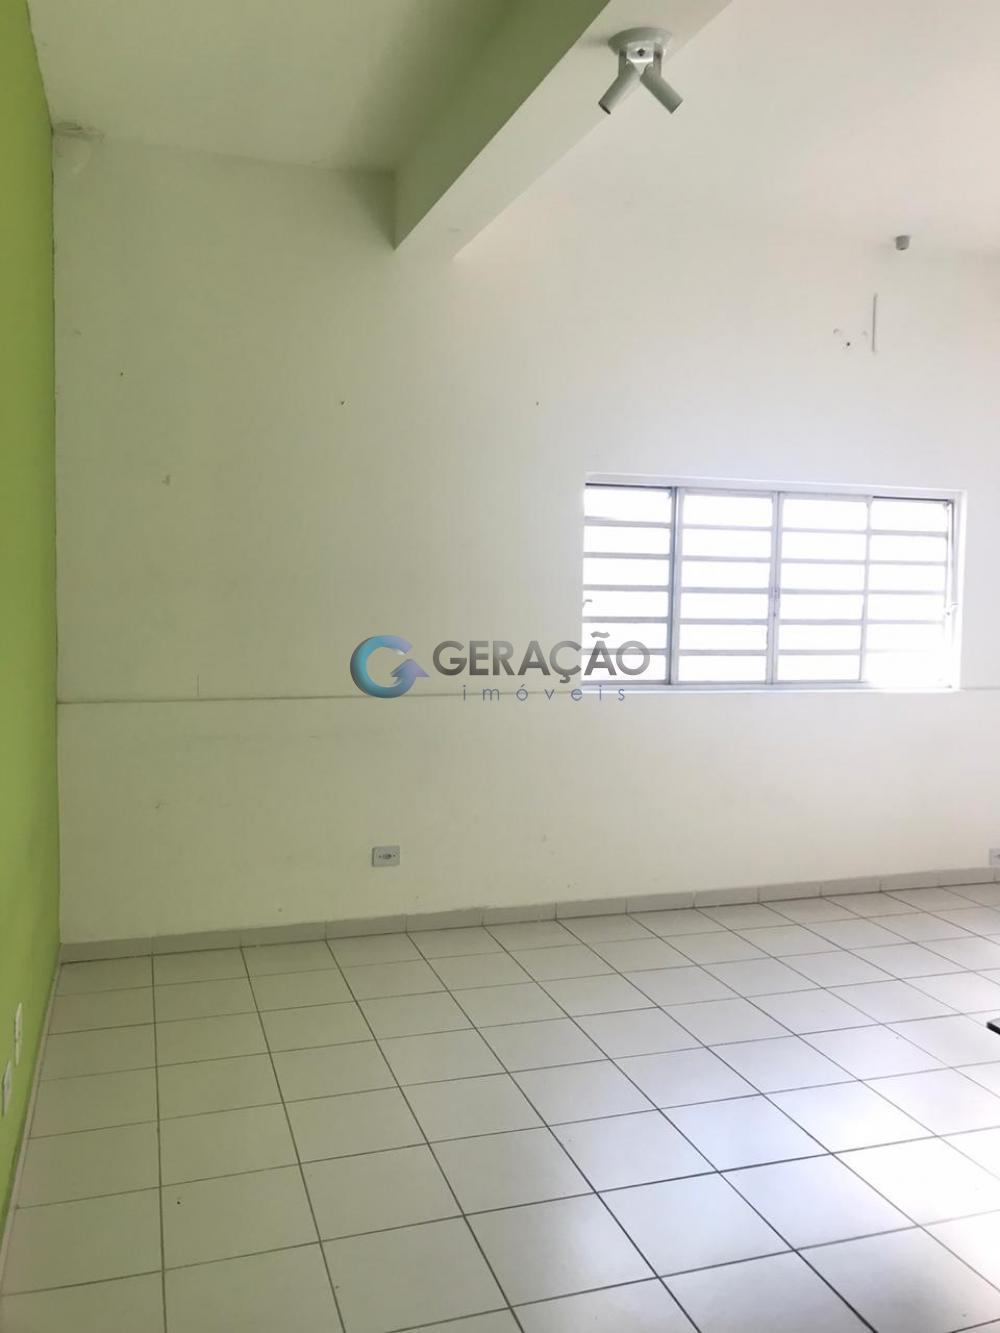 Alugar Comercial / Sala em São José dos Campos R$ 1.000,00 - Foto 2